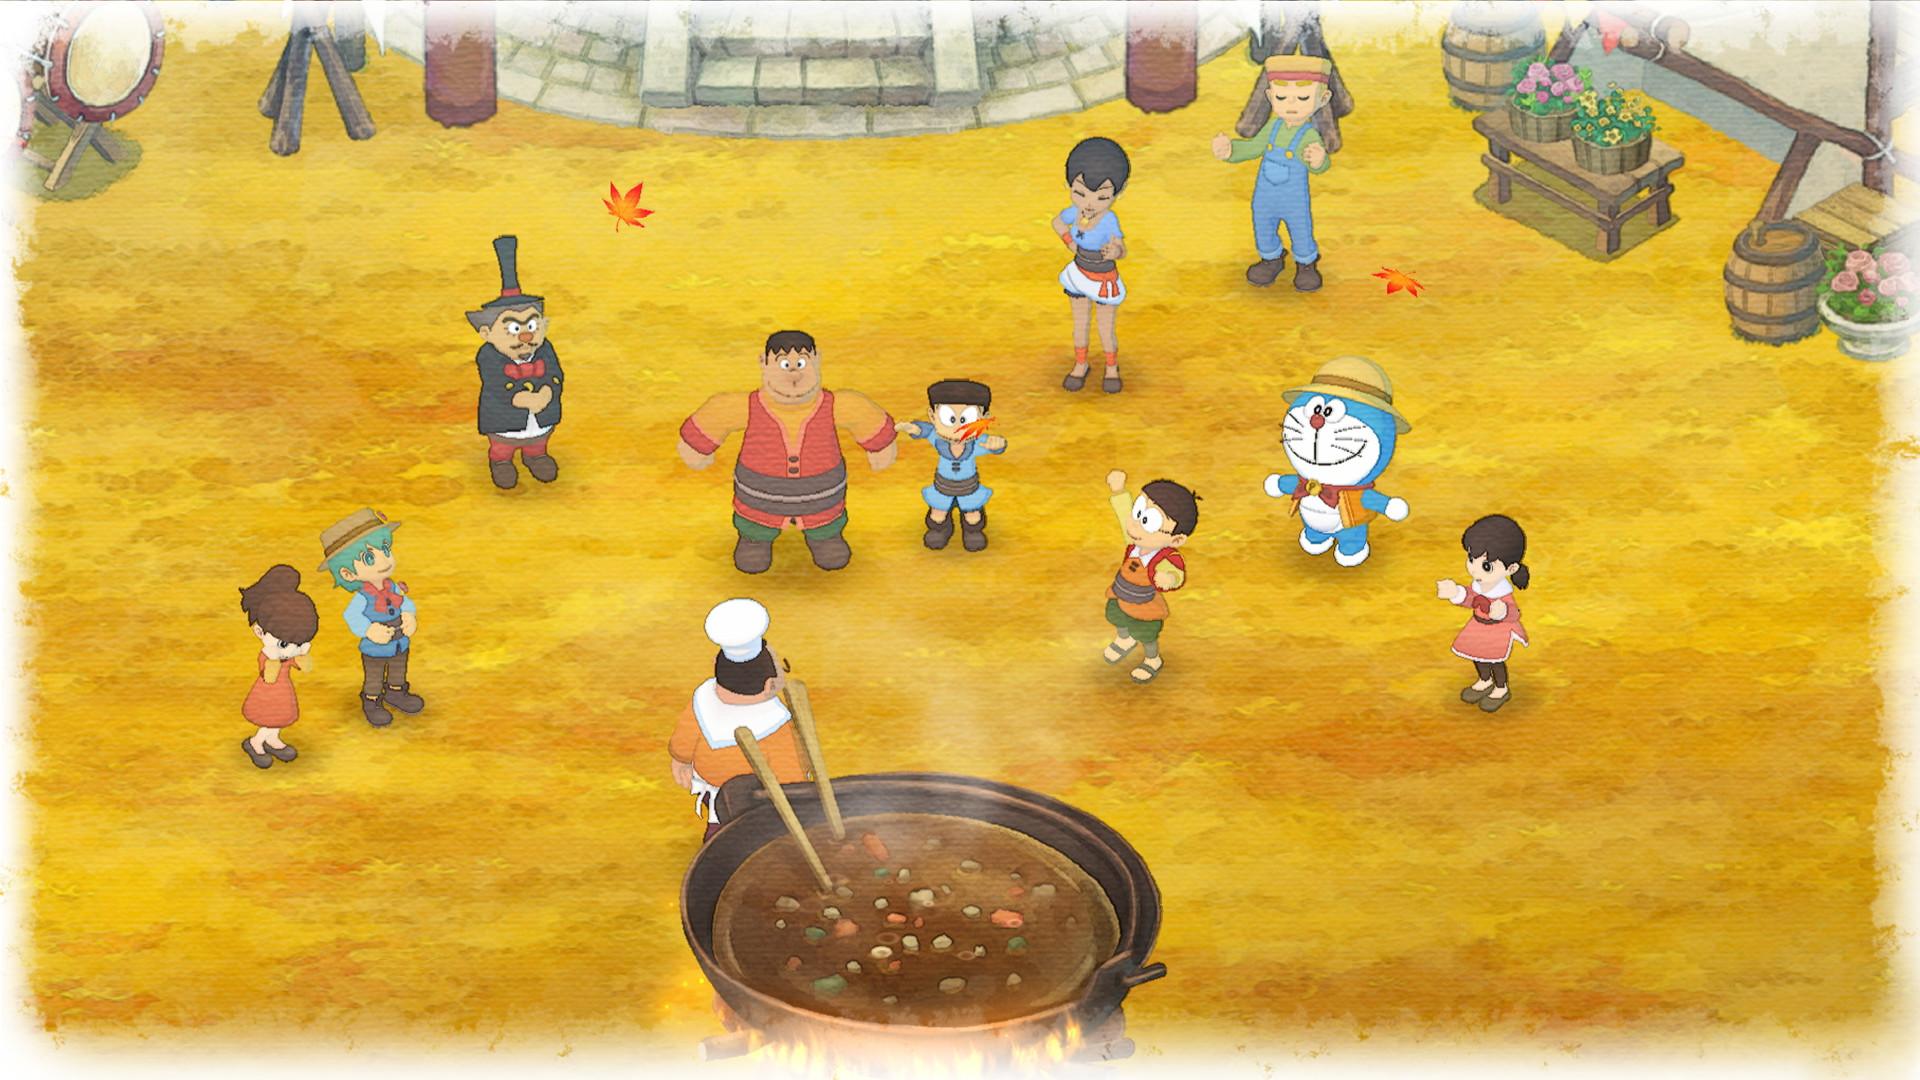 Link Tải Game Doraemon Story of Seasons Miễn Phí Thành Công